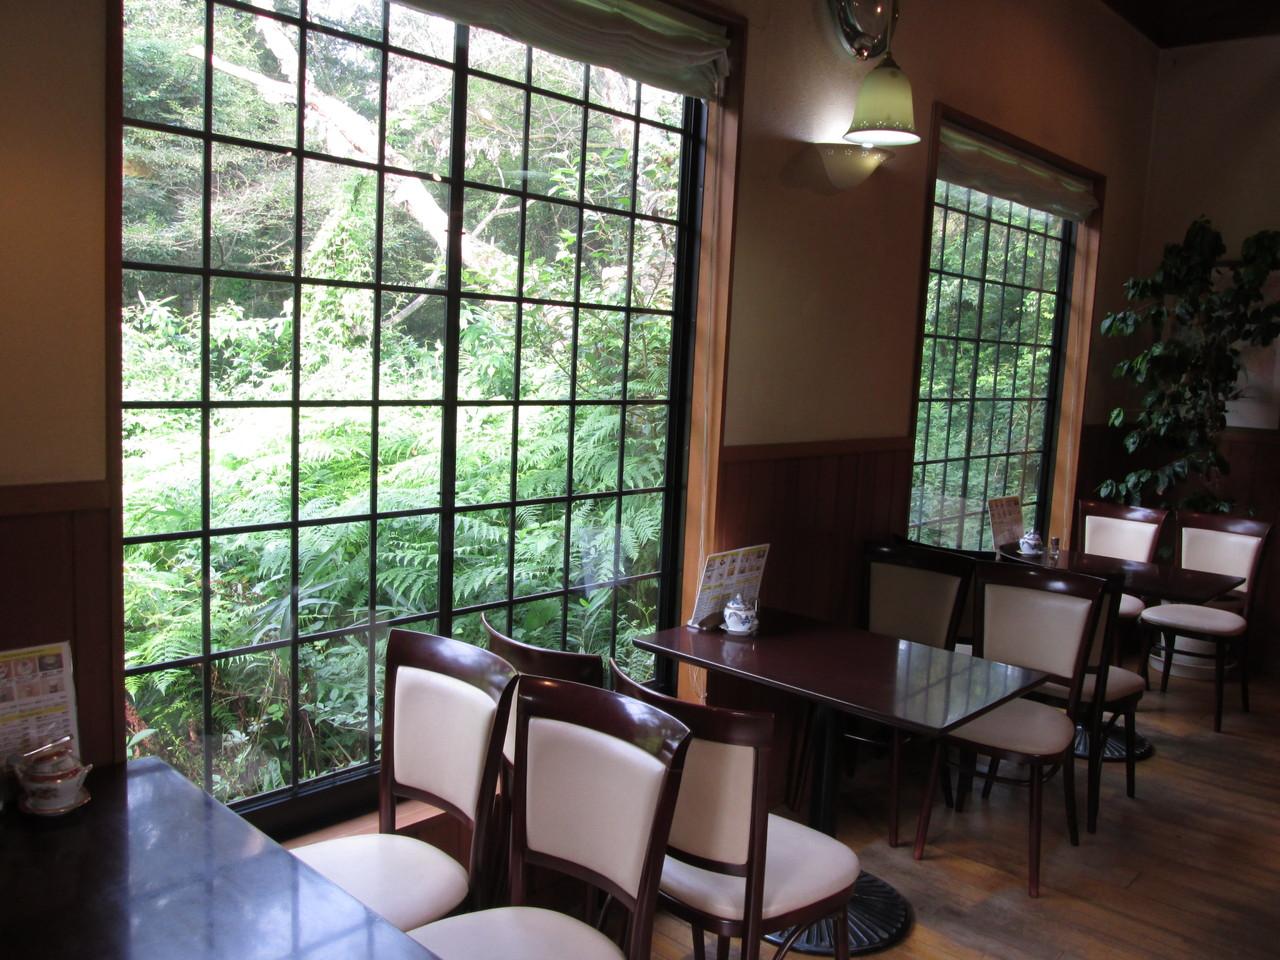 自然の中で珈琲とケーキが楽しめる本格喫茶店「豆家カフェ」店内風景